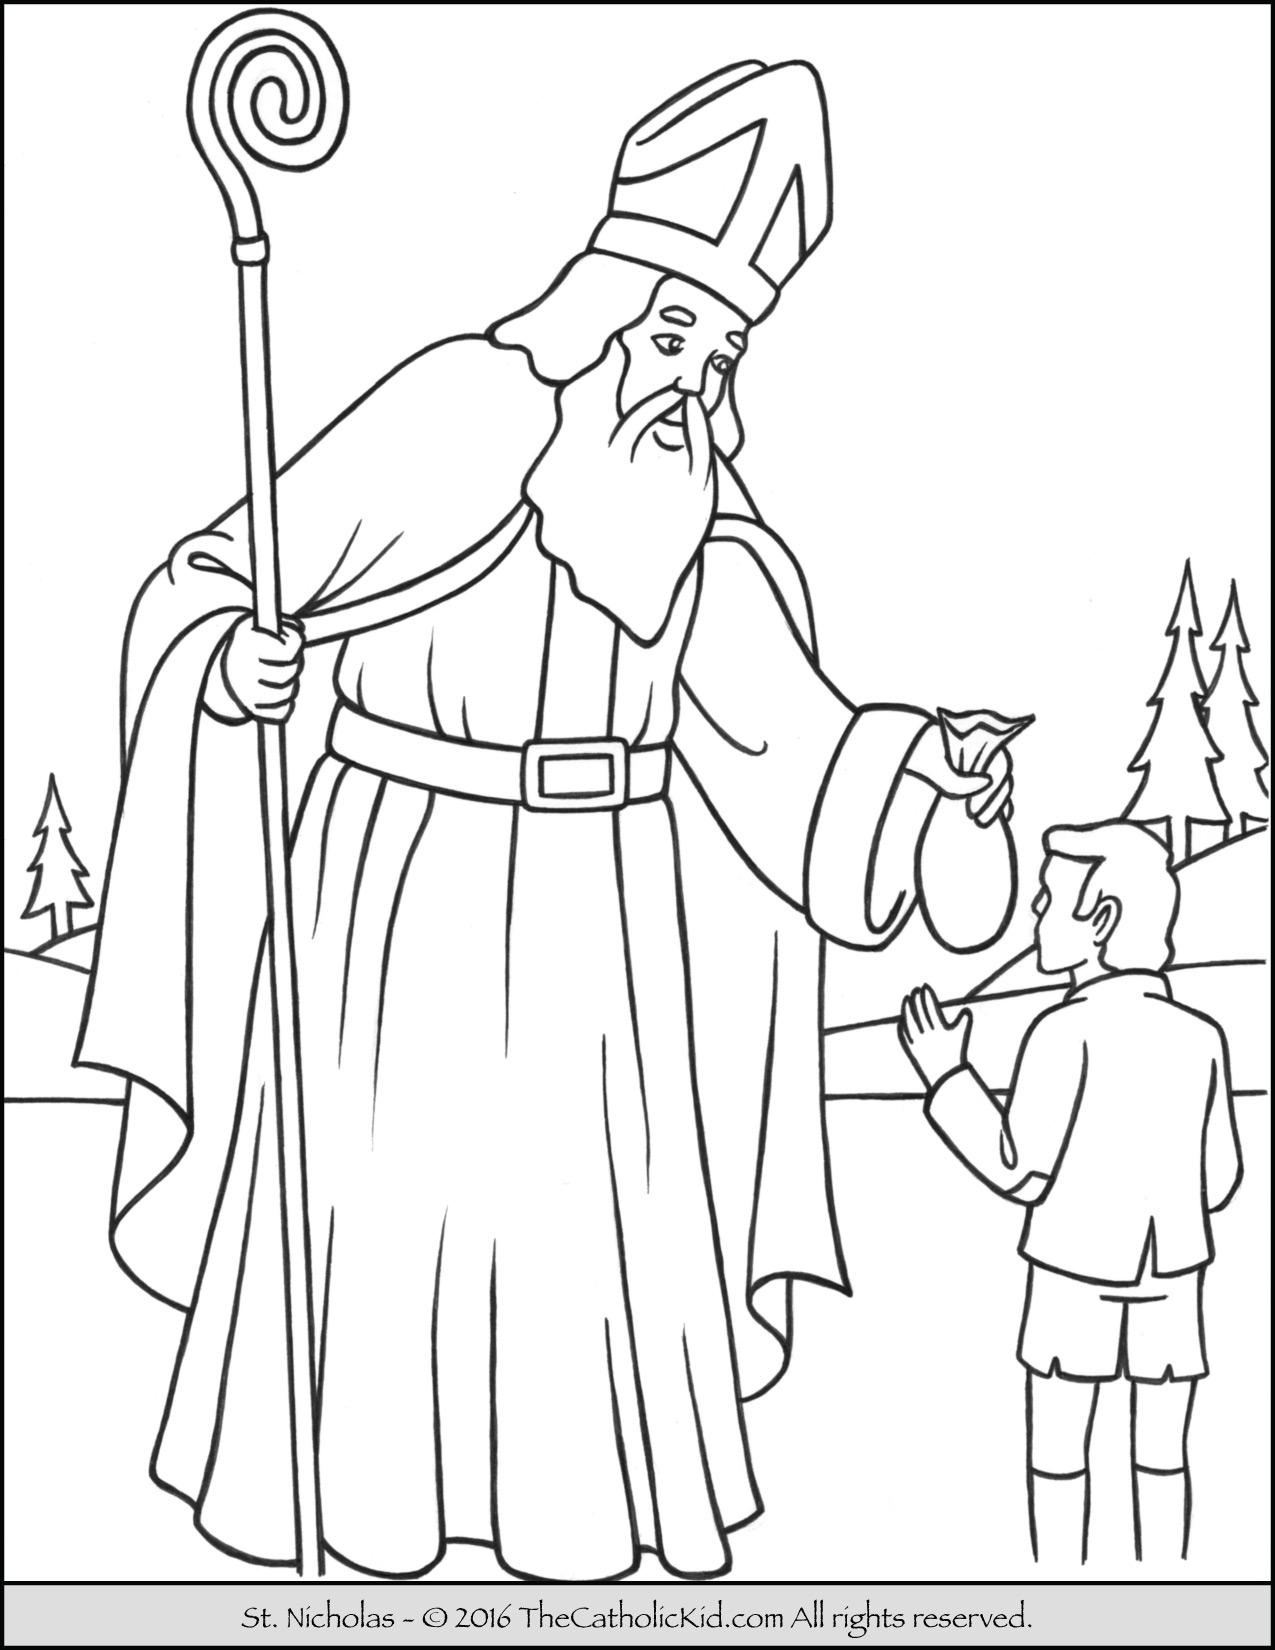 st nicholas coloring page st nicholas christmas coloring coloring pages page coloring st nicholas